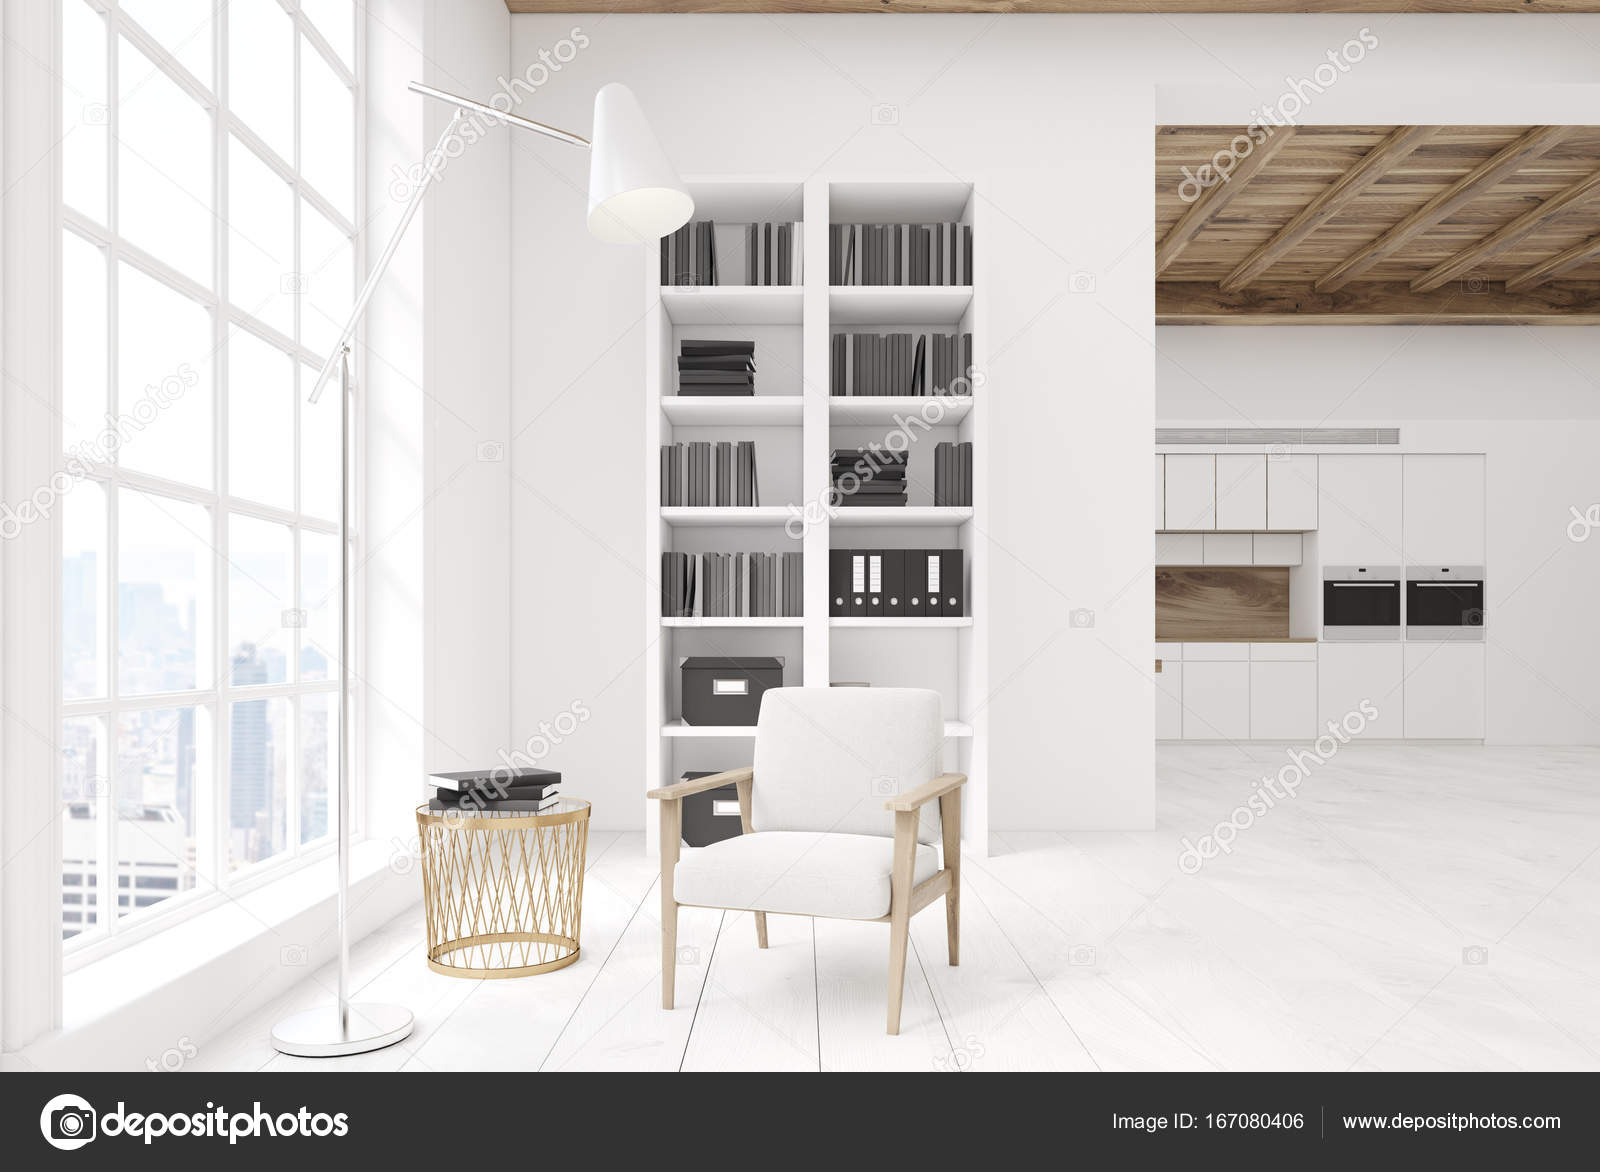 Keuken Met Boekenkast : Wit woonkamer met een boekenkast keuken u stockfoto